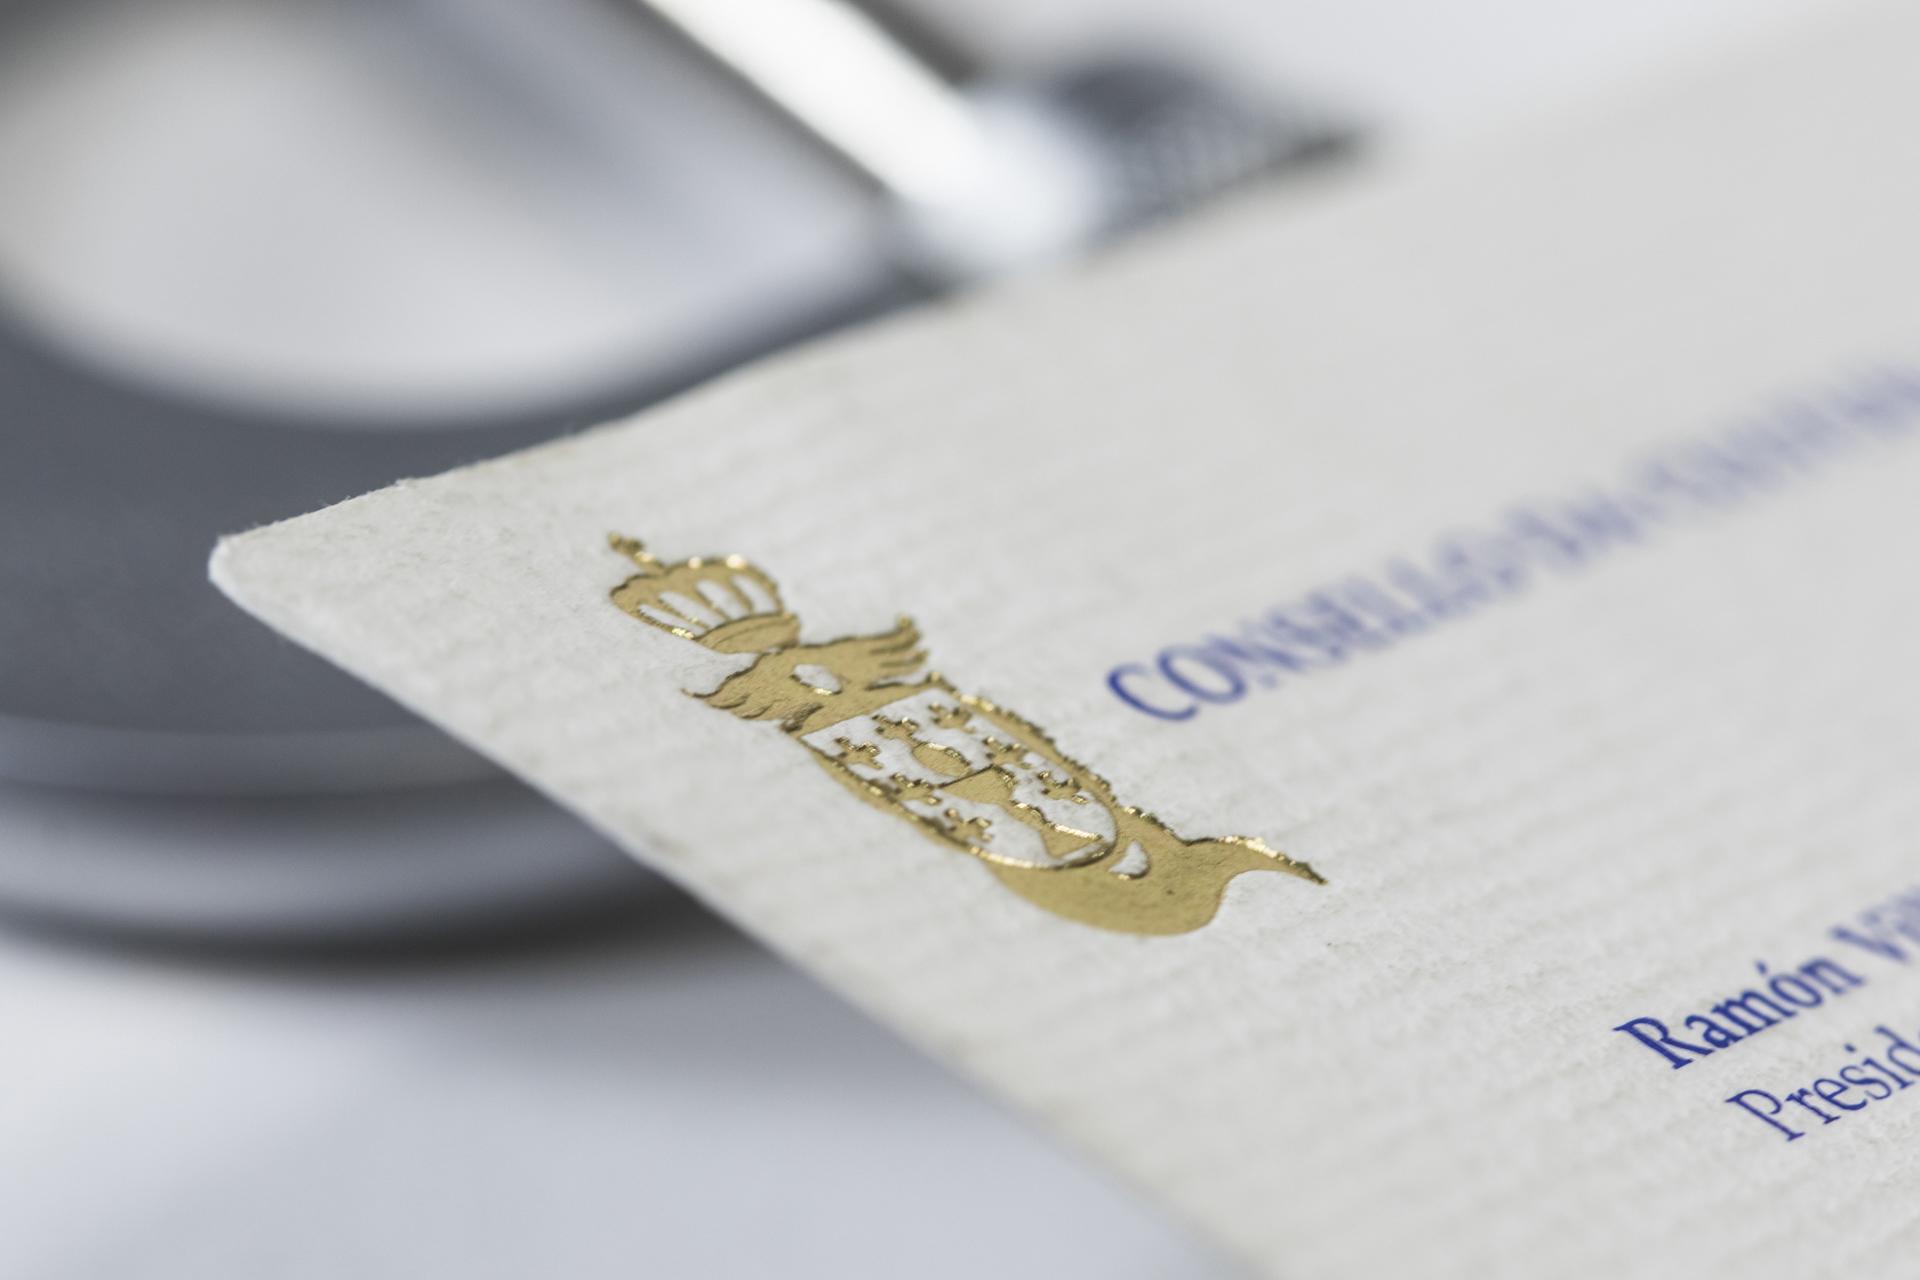 Tarjeta corporativa con textura y relieve realizada en Imprenta VentoPrint